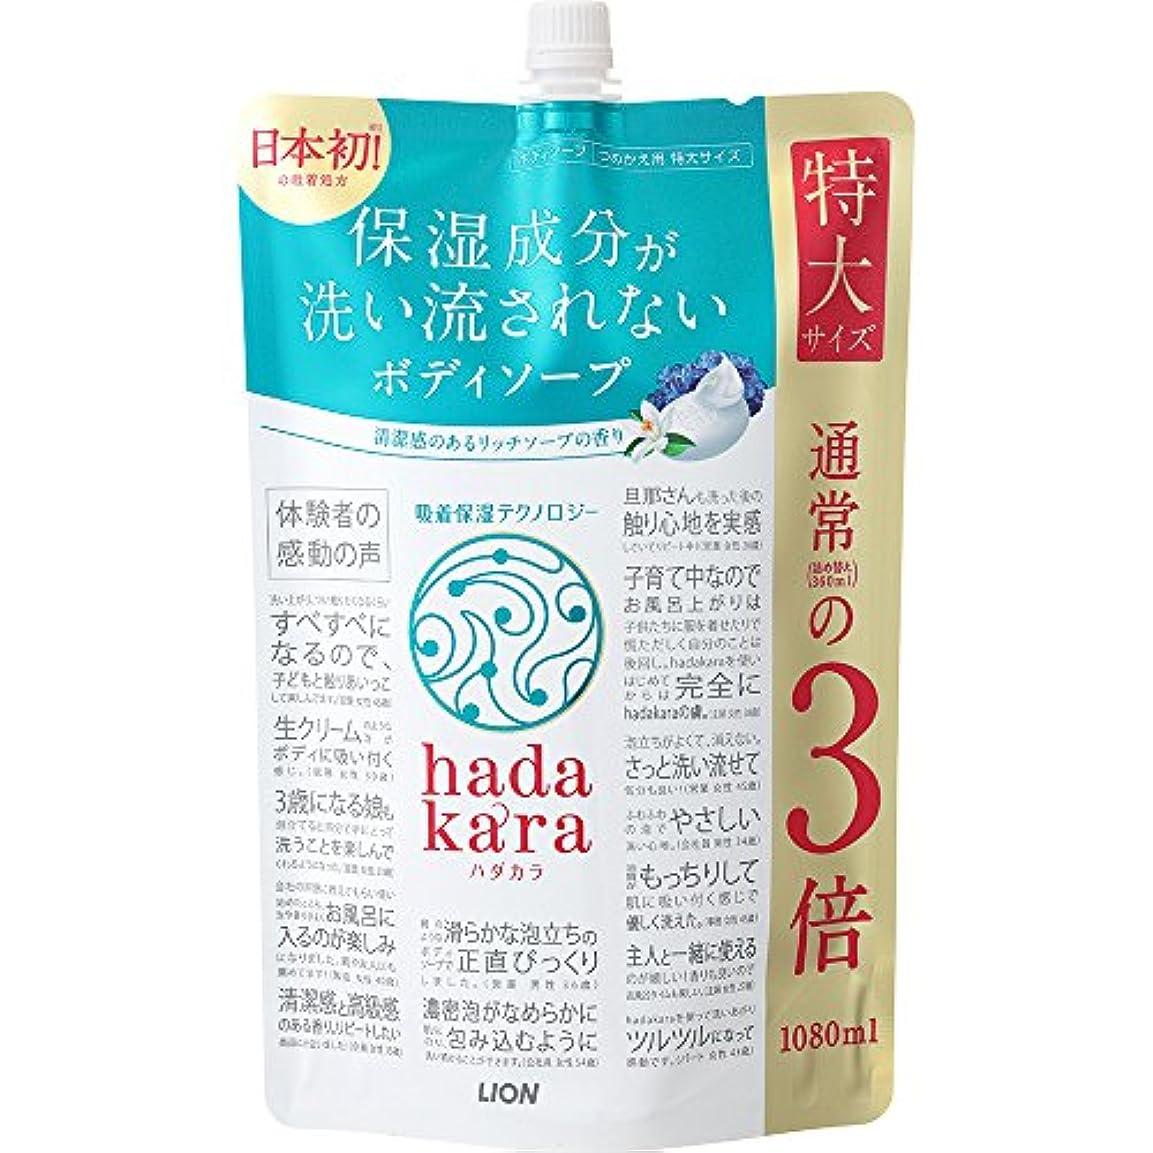 キャリッジ見捨てられた最悪【大容量】hadakara(ハダカラ) ボディソープ リッチソープの香り 詰め替え 特大 1080ml